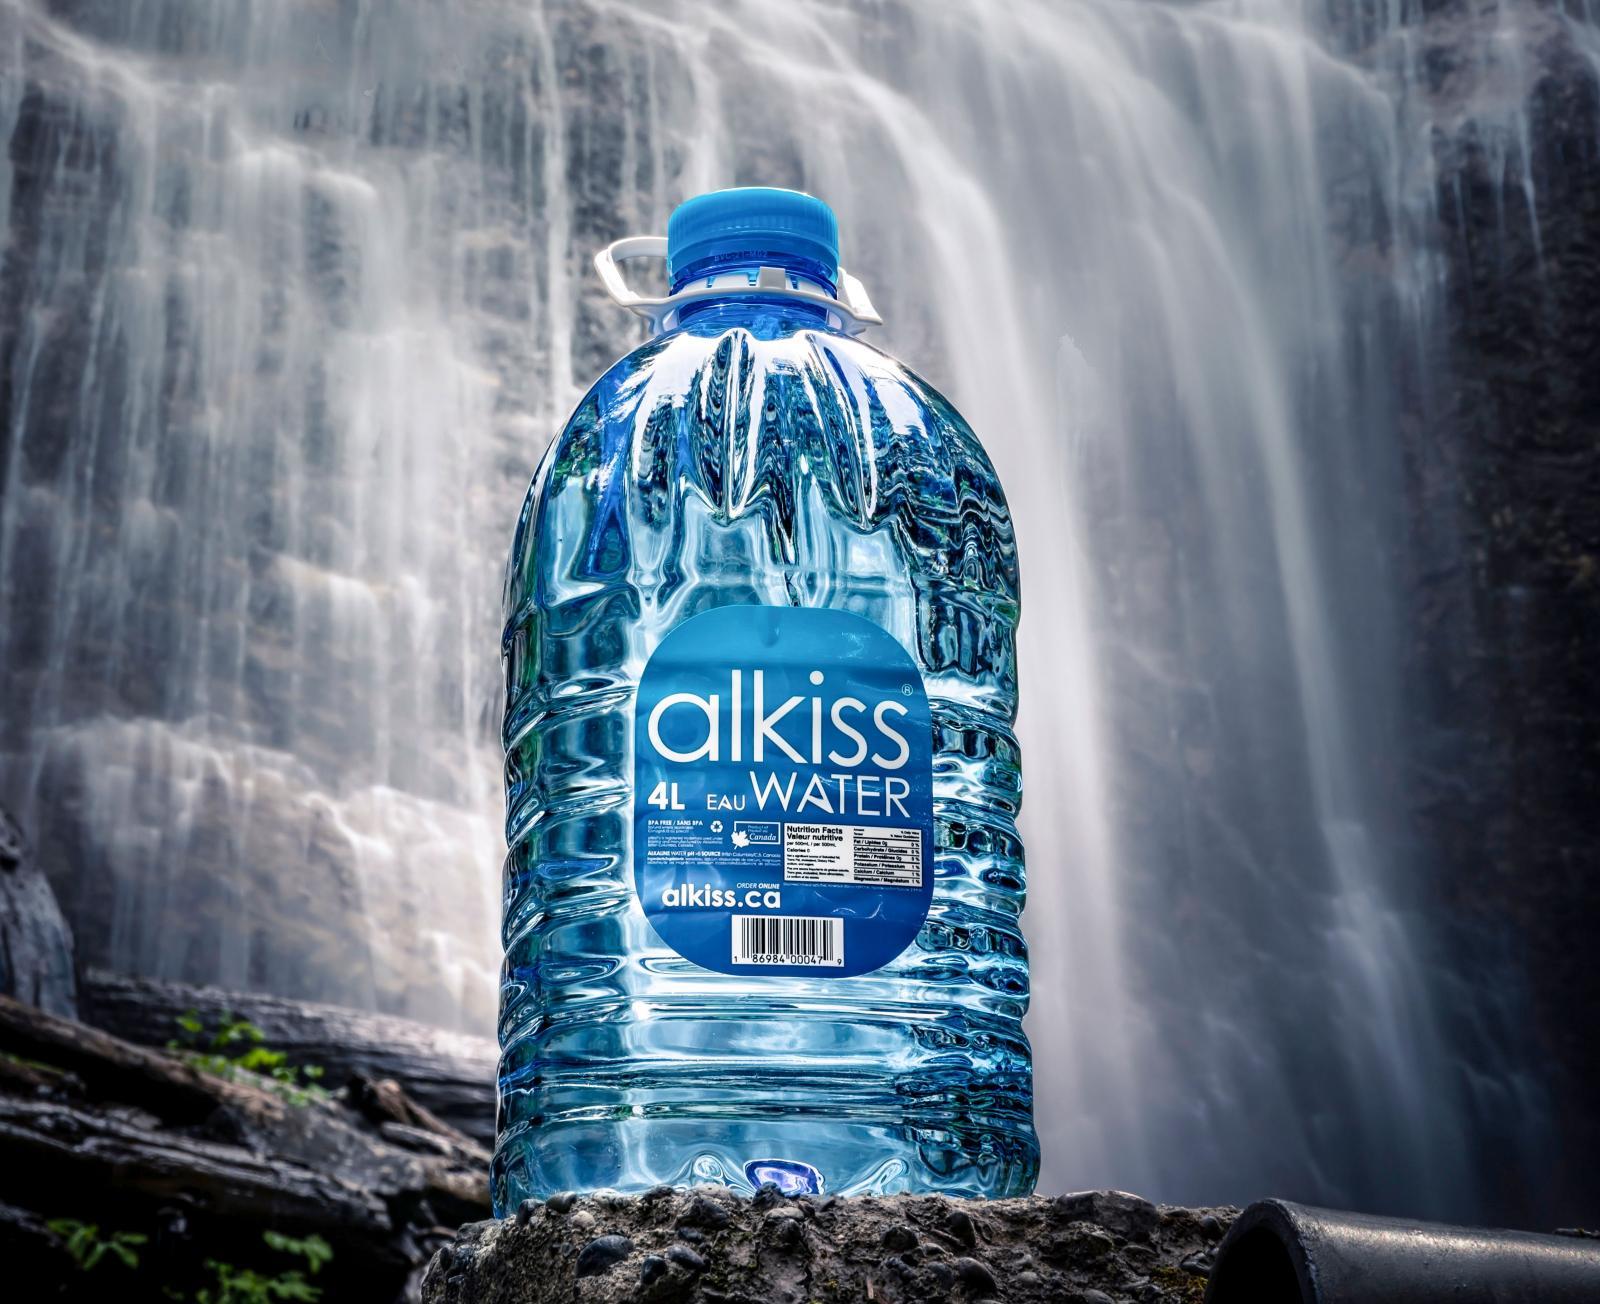 Vatten på flaska, eller vatten förpackat i box? Kan du fylla på dricksvatten längs med vägen är det hursomhelst bra med återanvändbara kärl.